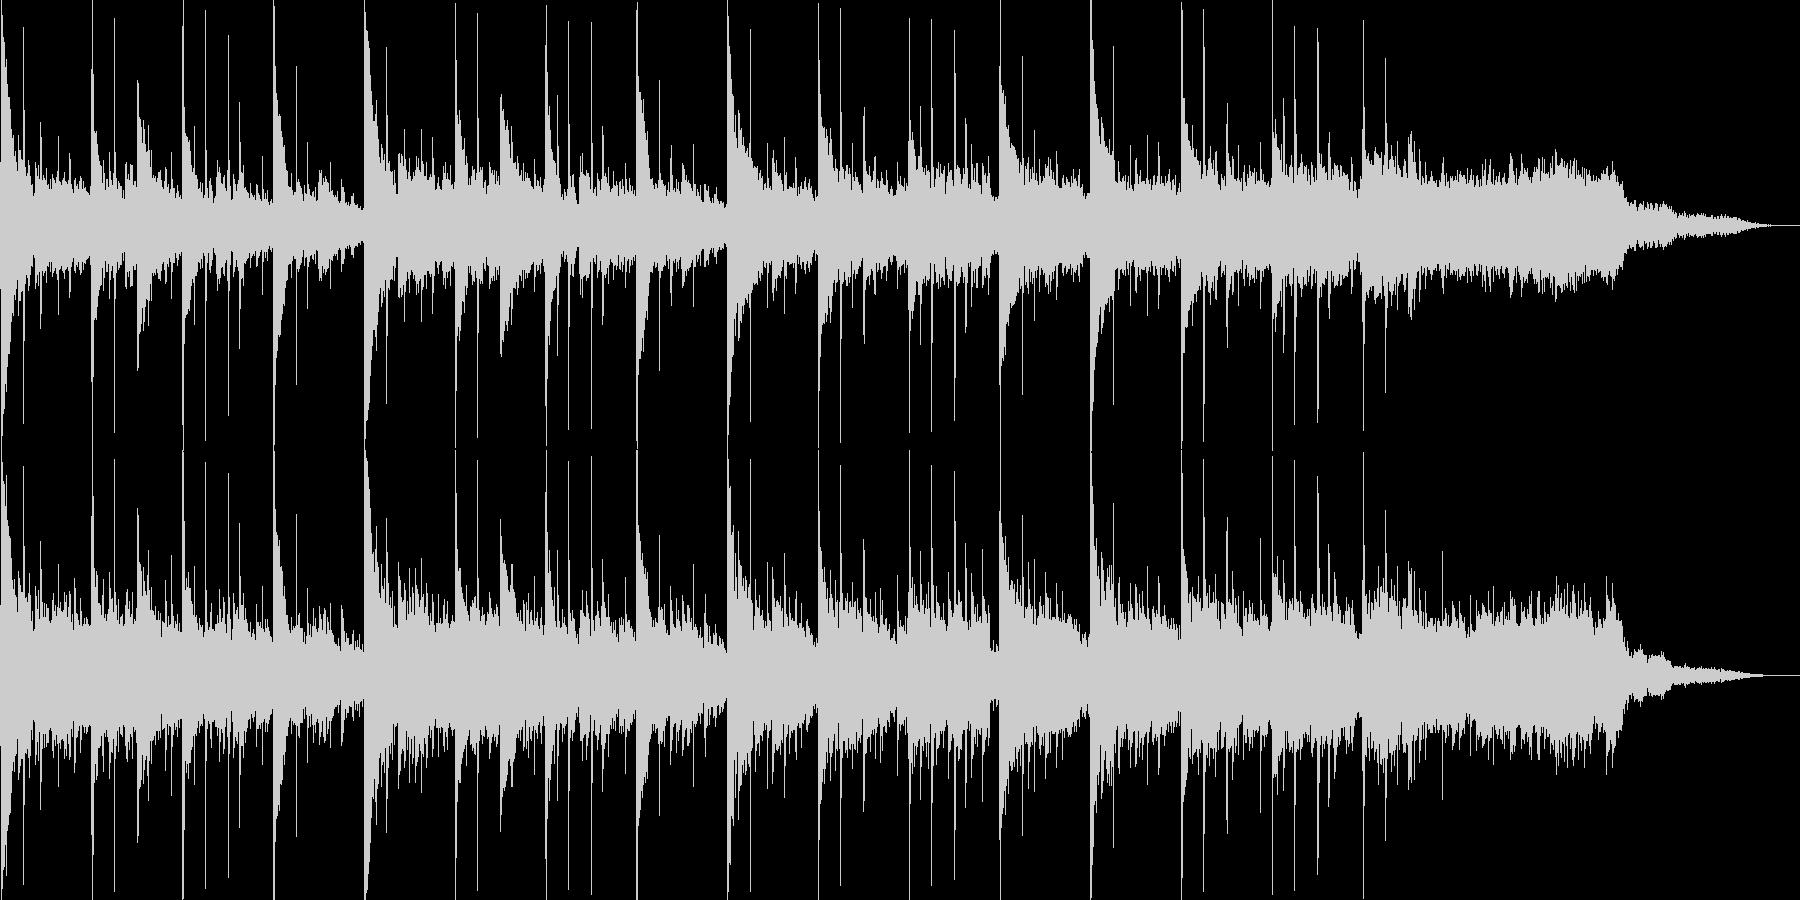 エレクトロニカ+アコーステックの未再生の波形